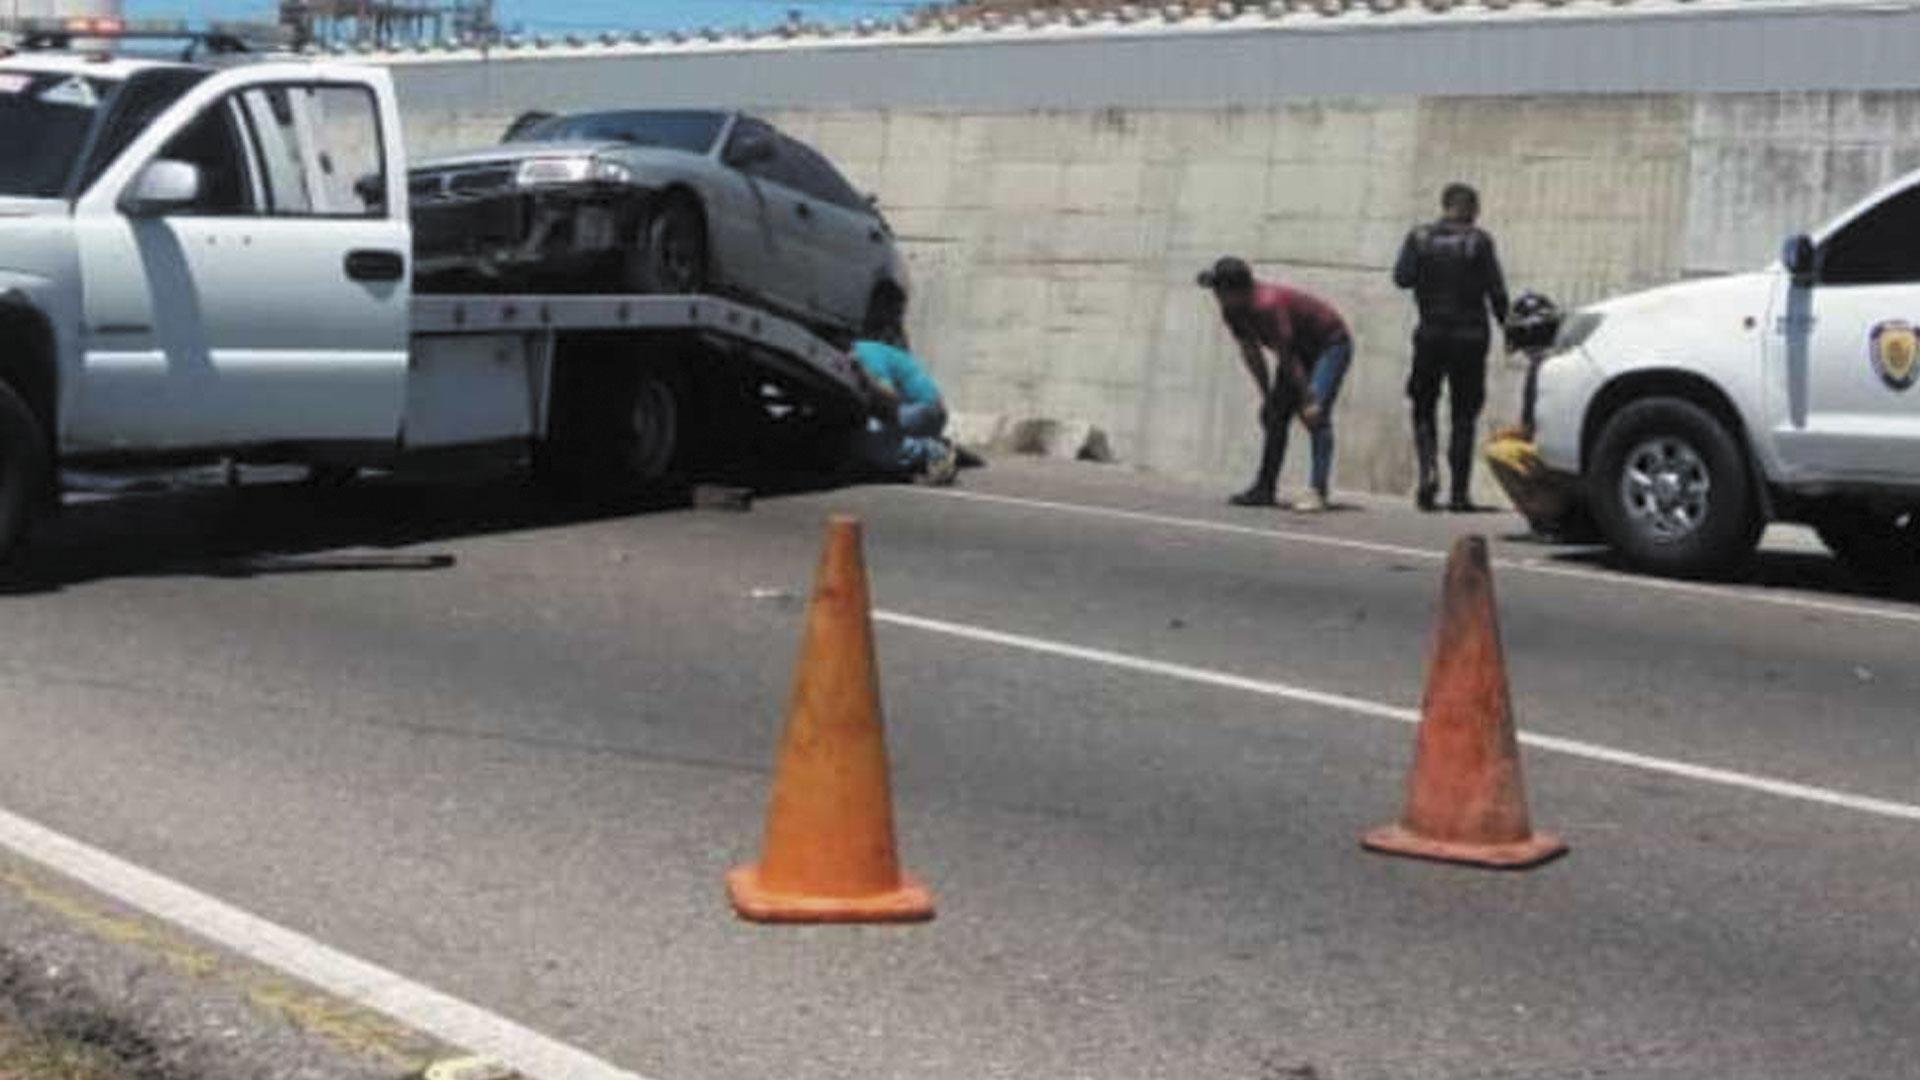 lesionada mujer en accidente en ARC- noticiero de venezuela